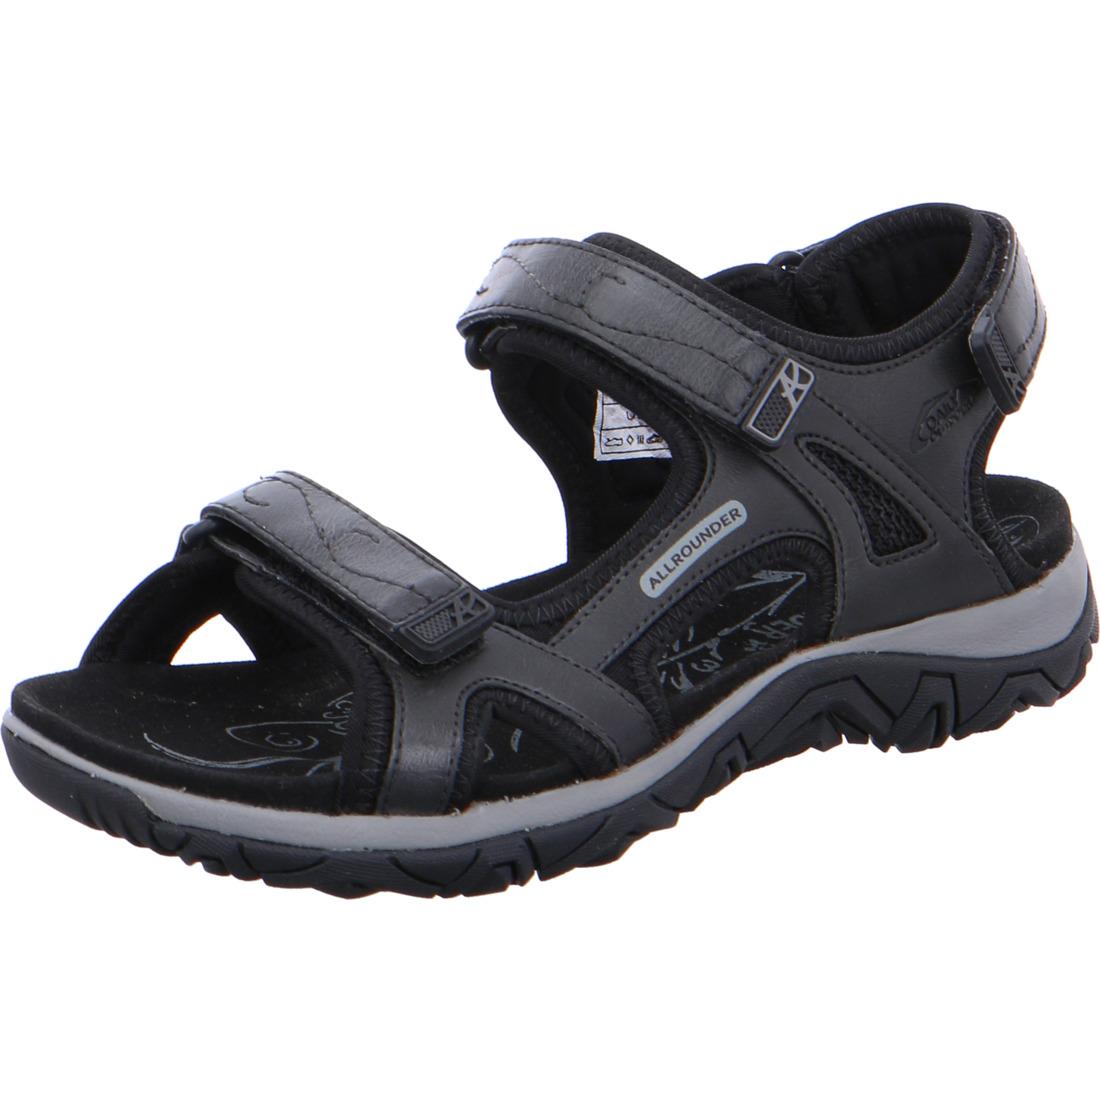 allrounder sandale larisa sandaletten damen mephisto shop. Black Bedroom Furniture Sets. Home Design Ideas